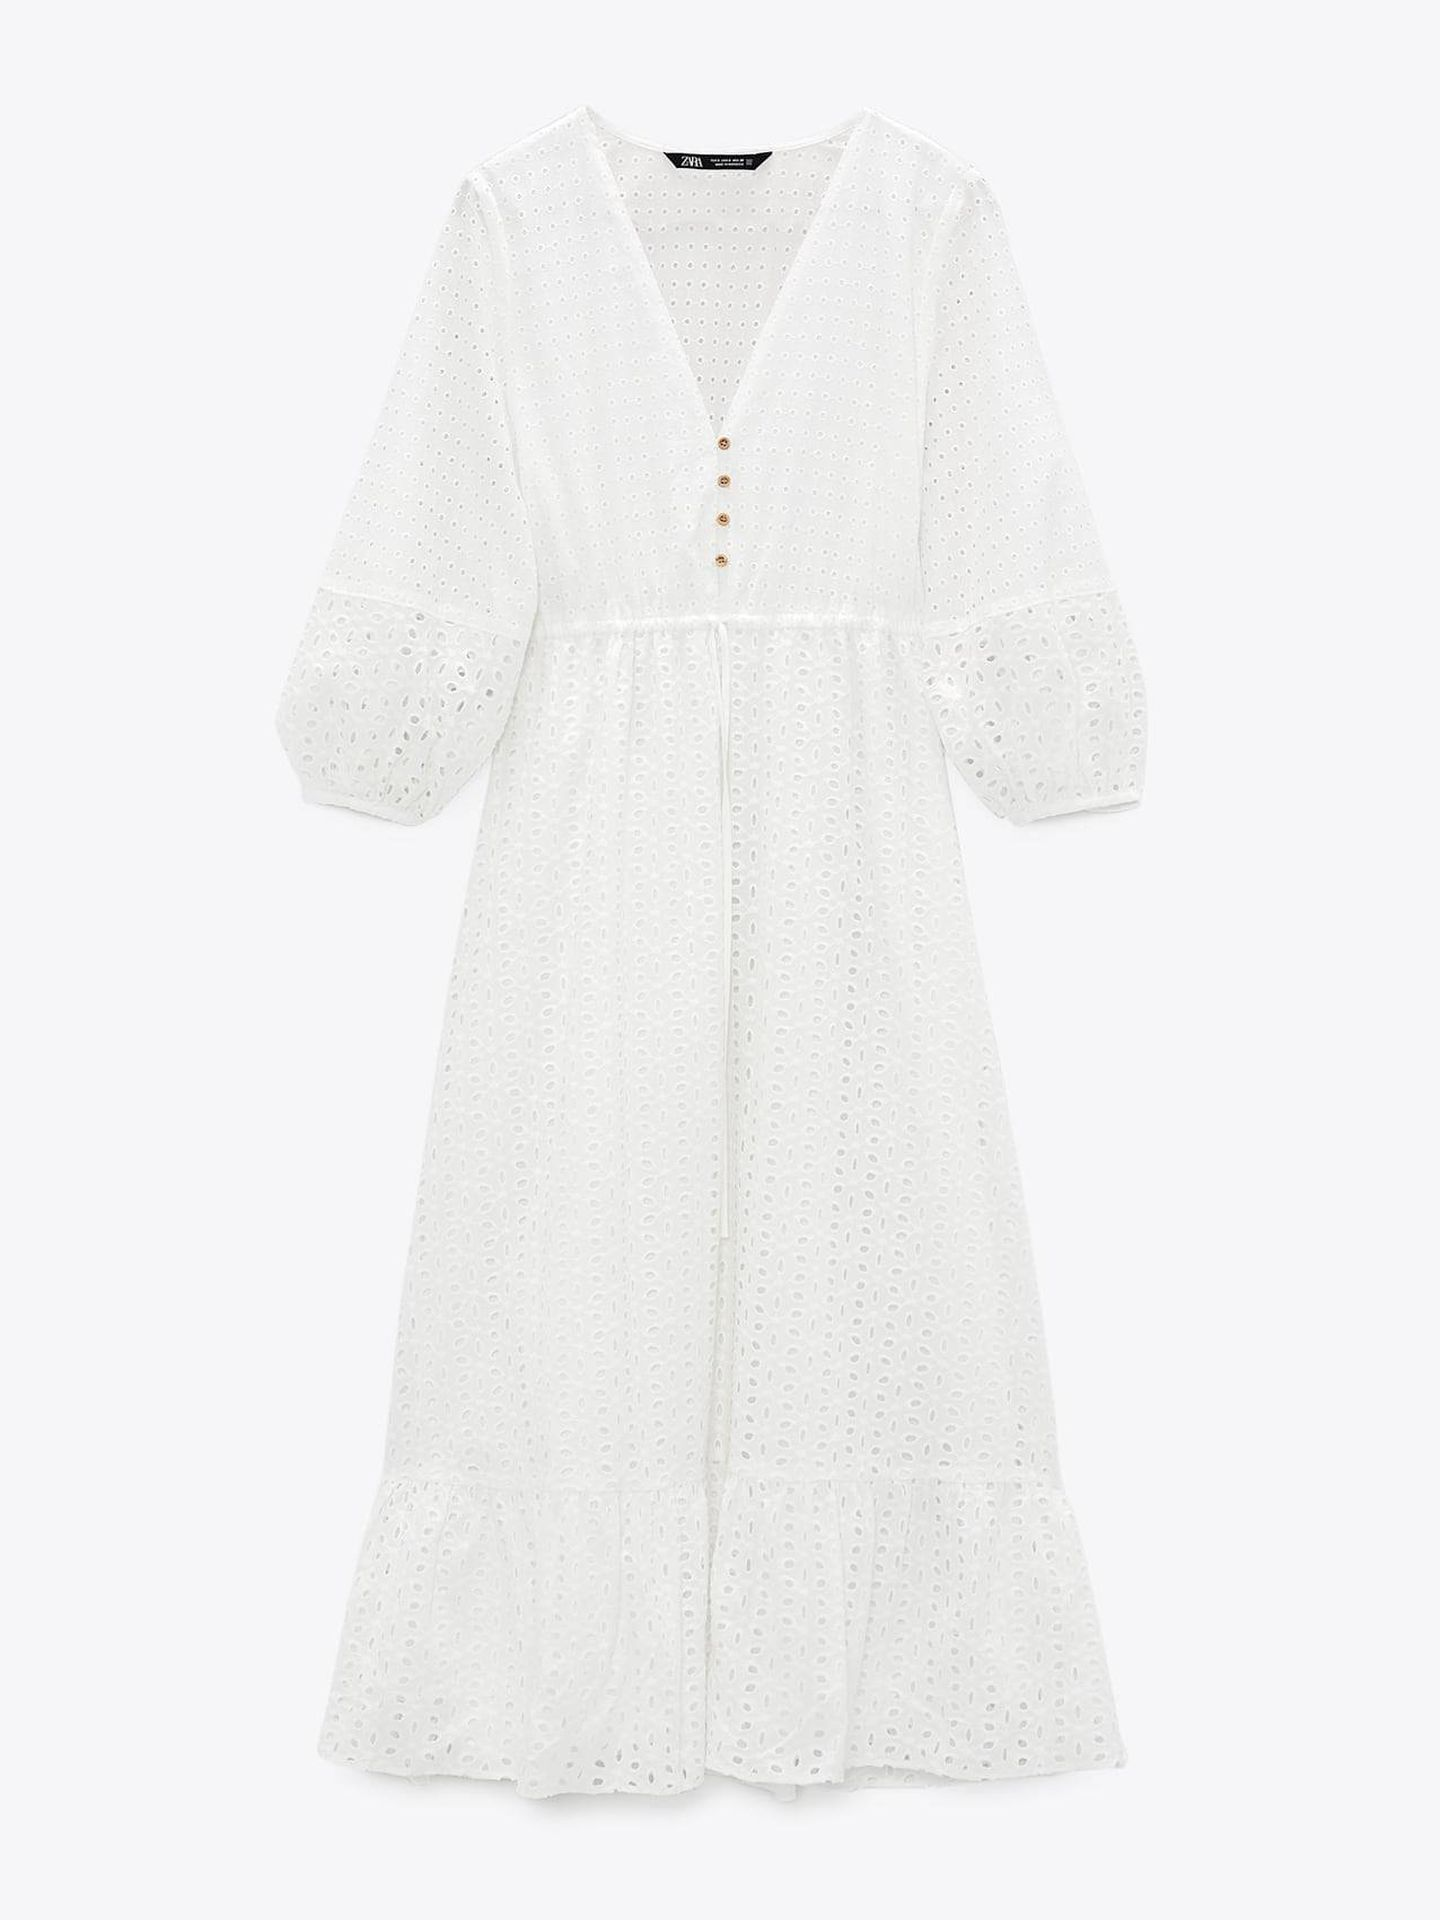 Vestido de novia boho de Zara. (Cortesía)